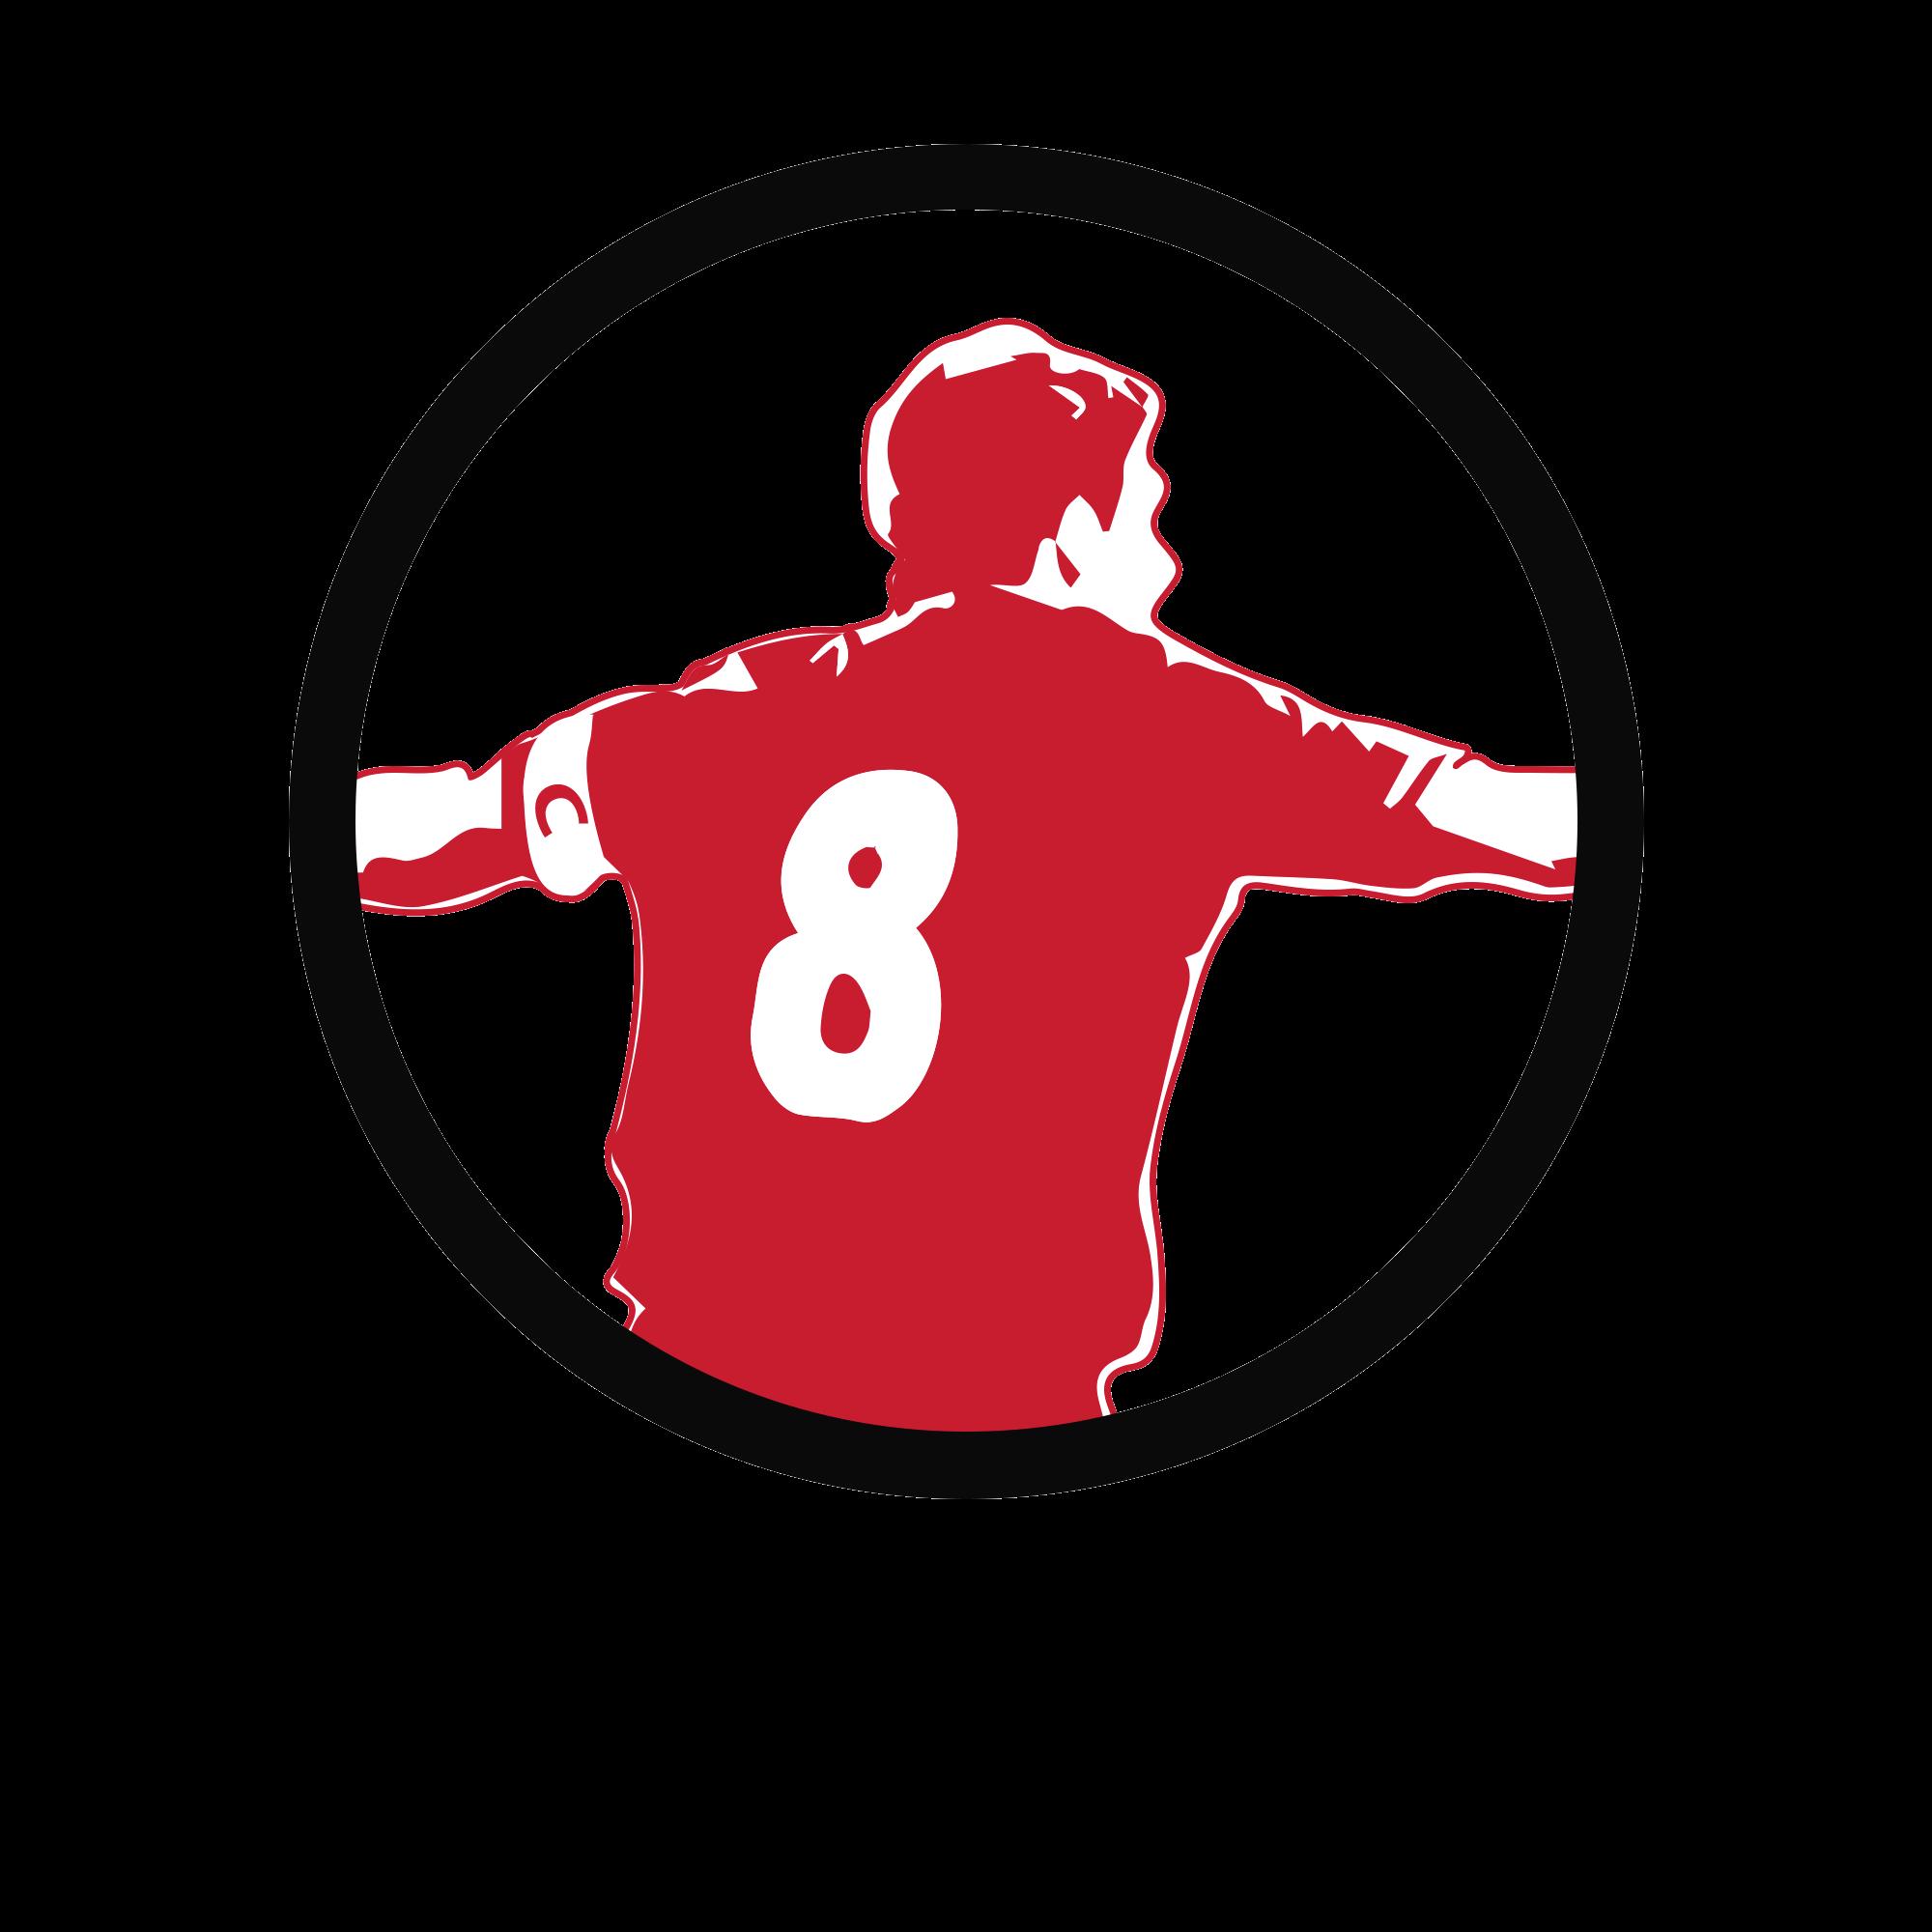 Steven Gerrard Academy